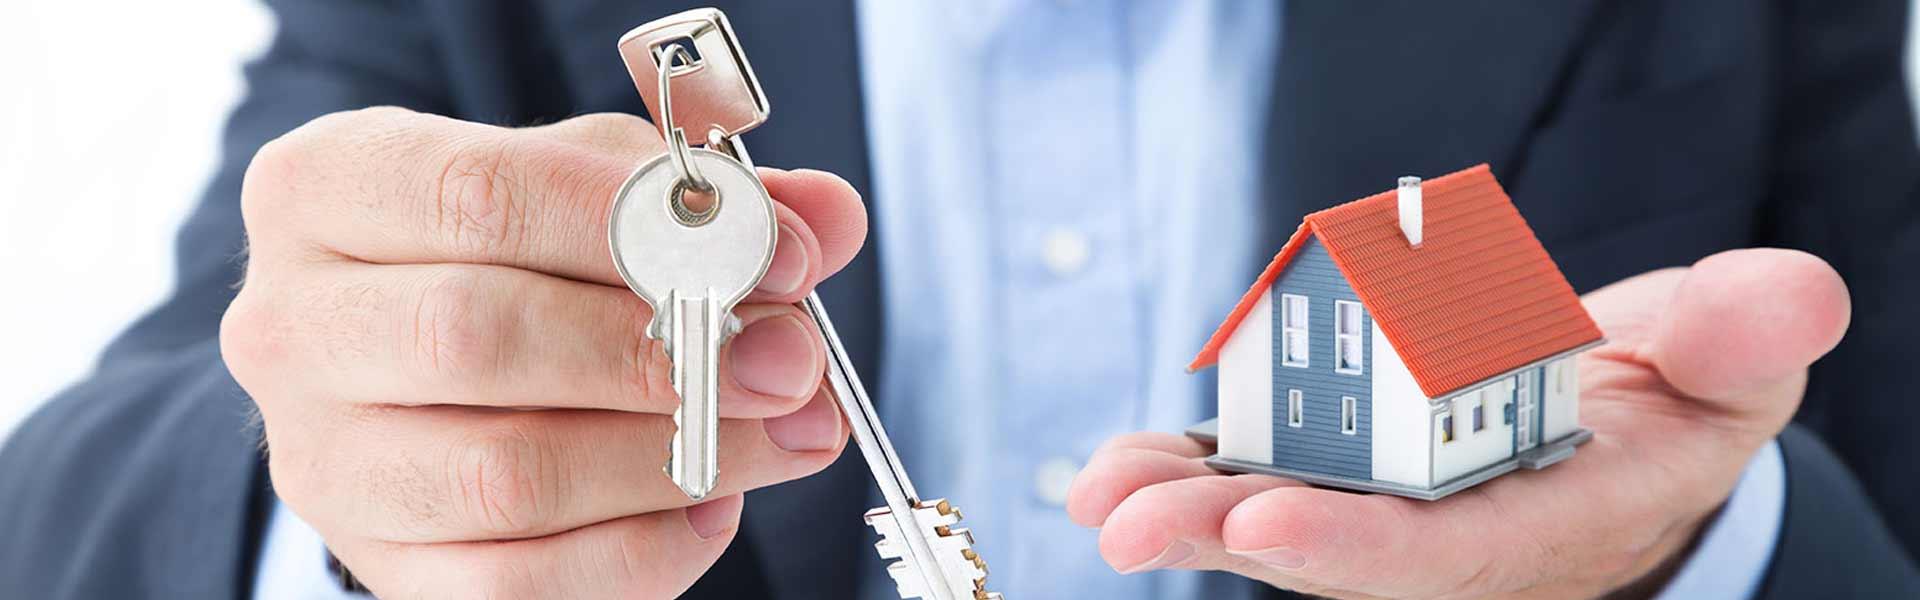 immobilien kaufen und verkaufen kaufen verkaufen